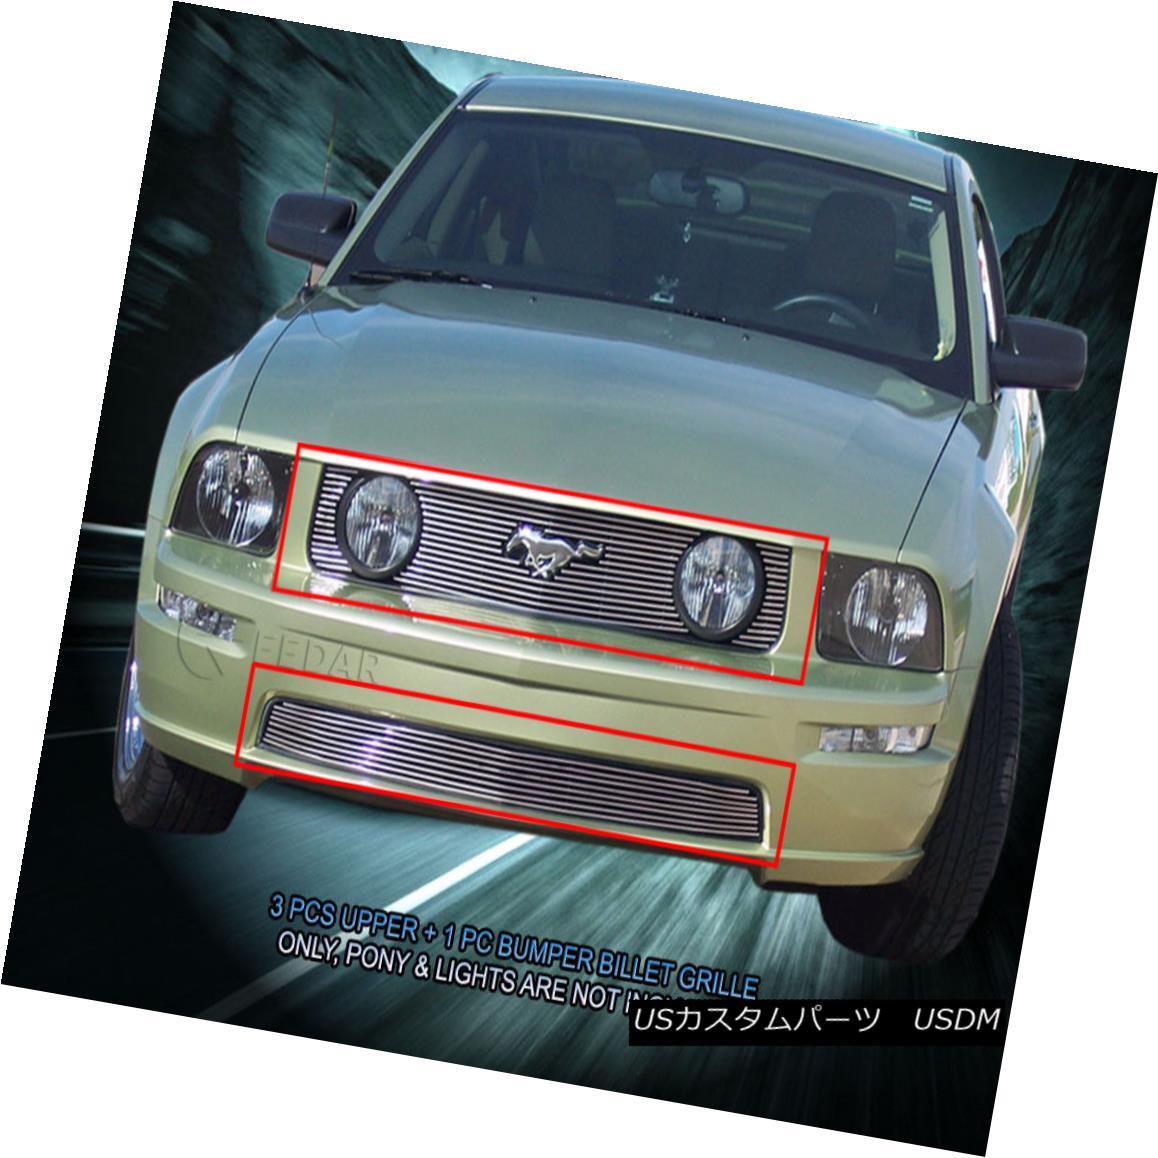 グリル 05 06 07 08 09 Ford Mustang V8 GT Black Billet Grille Grill Combo Insert Fedar 05 06 07 08 09フォードマスタングV8 GTブラックビレットグリルグリルコンボインサートフェルダ